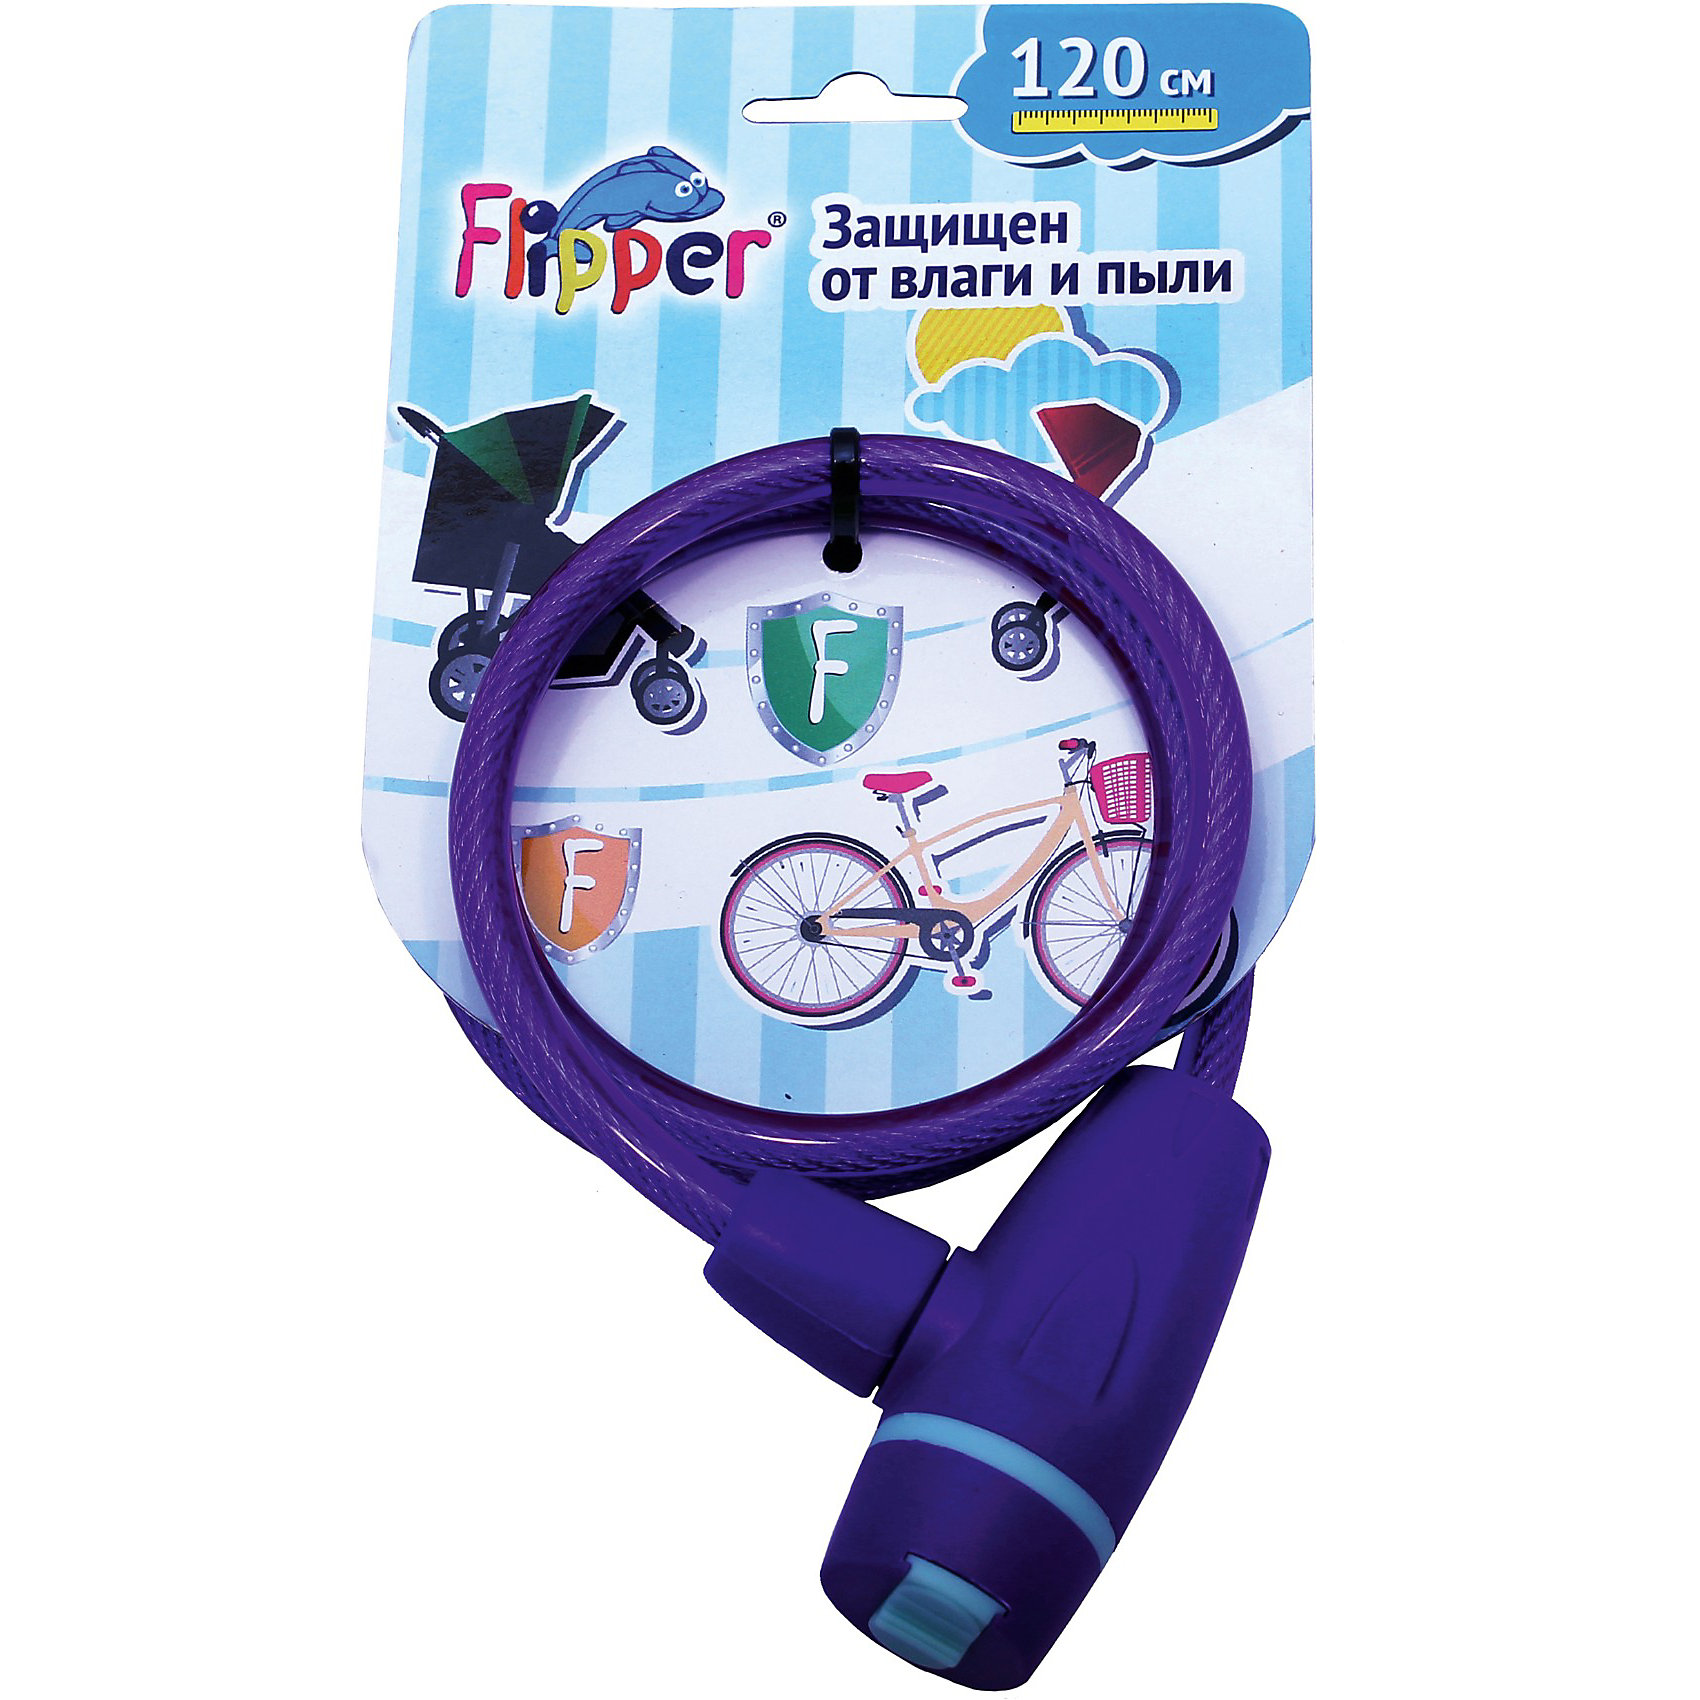 Замок для колясок  Flipper, в ассортиментеАксессуары для колясок<br>Благодаря надежному замку для детских колясок и велосипедов «Flipper», родители могут не беспокоиться за оставленную на улице коляску: крепкий стальной трос обеспечит ей максимальную защиту от возможного «угона». Велосипед Вашего ребенка также будет под надежной защитой.<br><br>Замочный механизм у данного изделия имеет специальный колпачок, который предохраняет его от пыли, влаги и иных внешних воздействий, а потому срок службы данного замка гораздо дольше, чем у похожих изделий.<br><br>Стальной трос покрыт специальной оболочкой из поливинилхлорида (прозрачная пластмасса), благодаря чему прочность и долговечность замка многократно увеличивается.<br><br>Дополнительная информация: <br><br>- материал троса: сталь, цинк<br>- толщина стального троса: 6 мм<br>- длина троса: 120 см<br>- вес замка: 400 г<br>- размеры упаковки: 12 х 3 х 25 см<br>- в комплекте: трос с замком, два ключа<br><br>ВНИМАНИЕ! Данный артикул представлен в разных цветовых исполнениях. К сожалению, заранее выбрать определенный цвет невозможно. При заказе нескольких замков возможно получение одинаковых.<br><br>Замок для колясок  Flipper, в ассортименте можно купить в нашем магазине.<br><br>Ширина мм: 120<br>Глубина мм: 30<br>Высота мм: 250<br>Вес г: 400<br>Возраст от месяцев: 0<br>Возраст до месяцев: 60<br>Пол: Унисекс<br>Возраст: Детский<br>SKU: 3759702